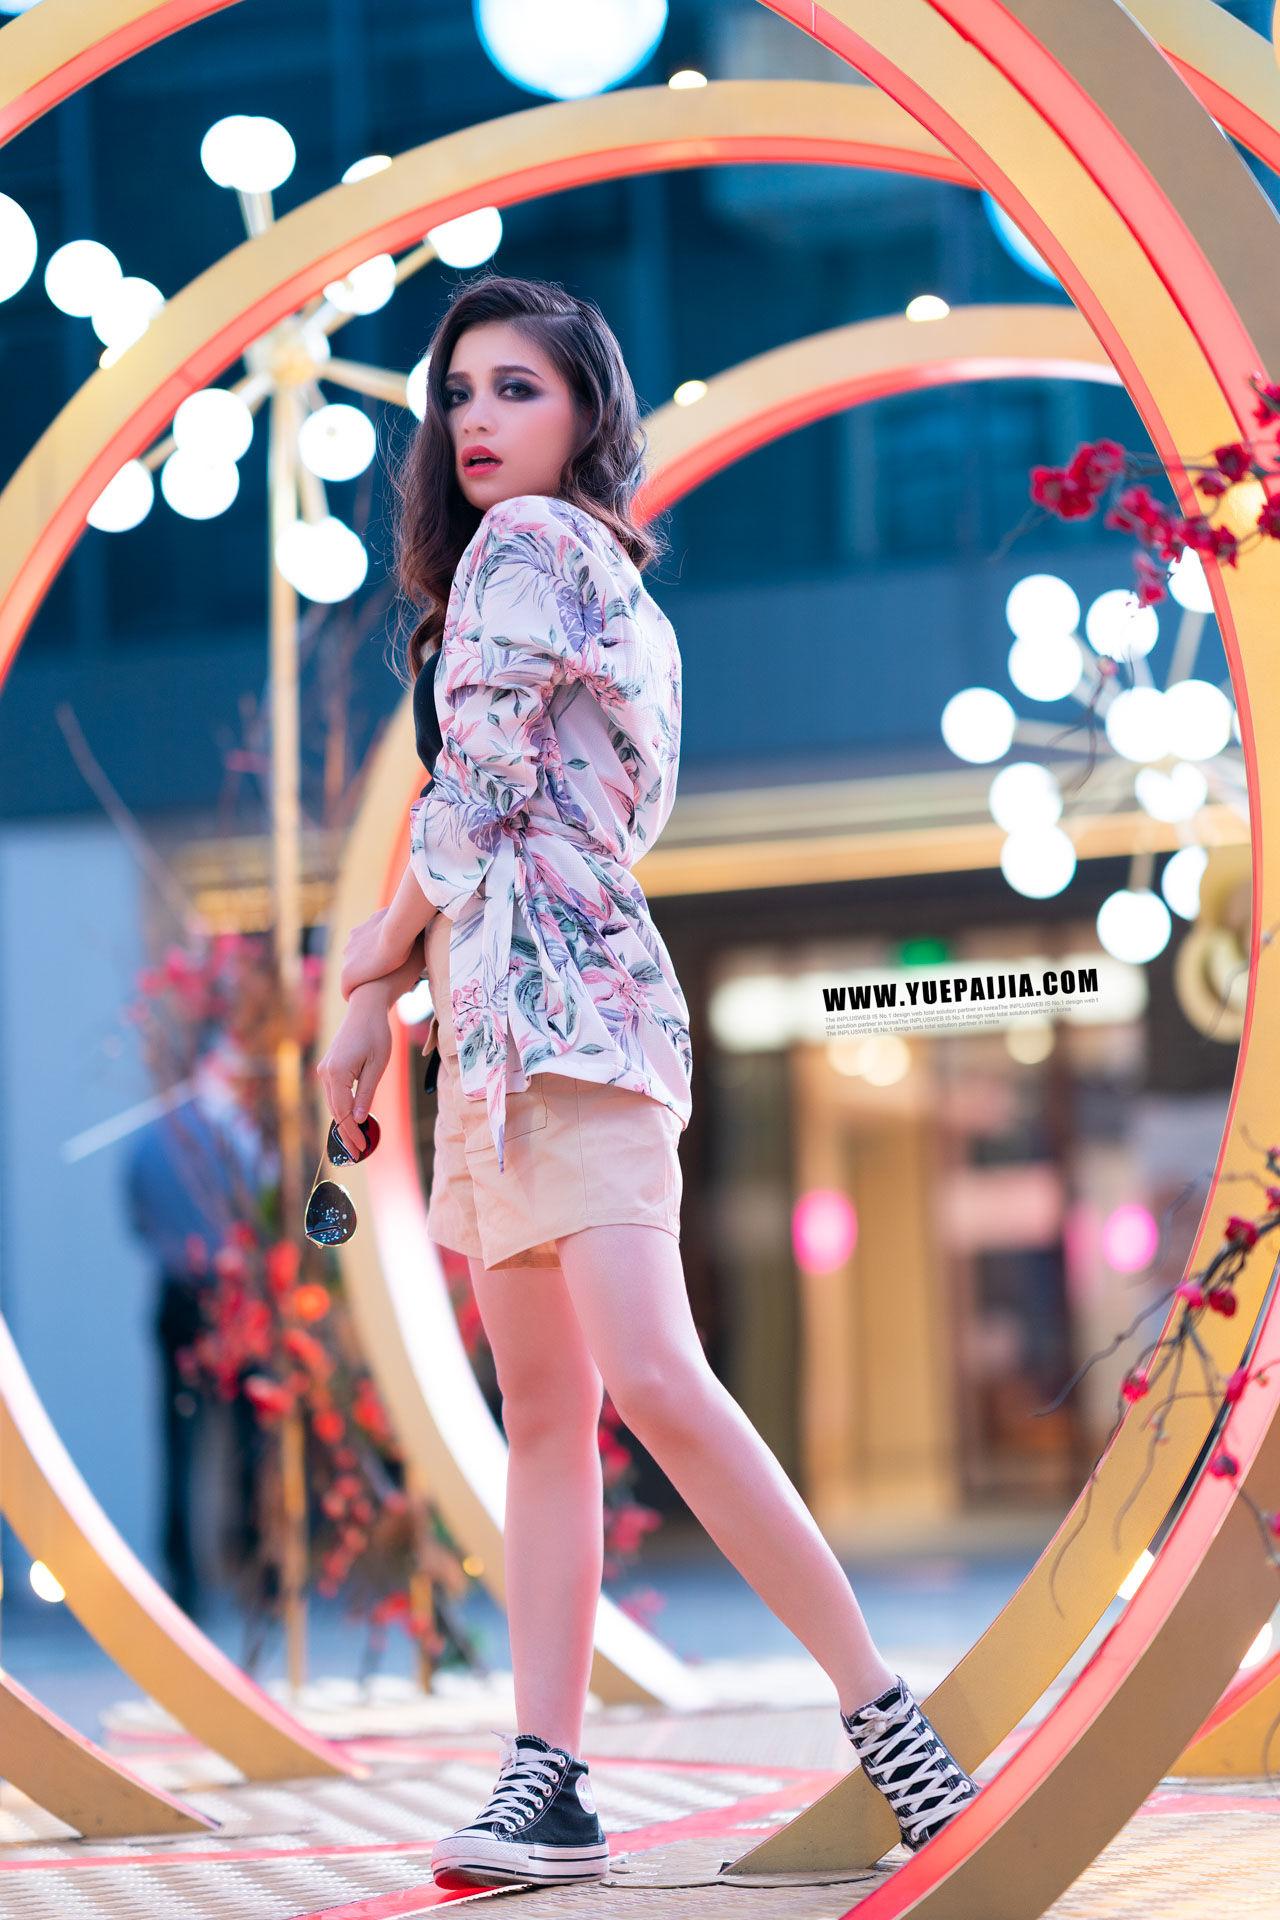 2019-06-11 豐盛里 妝面夜景街拍_攝影師蔣俞歡 模特凌蘭